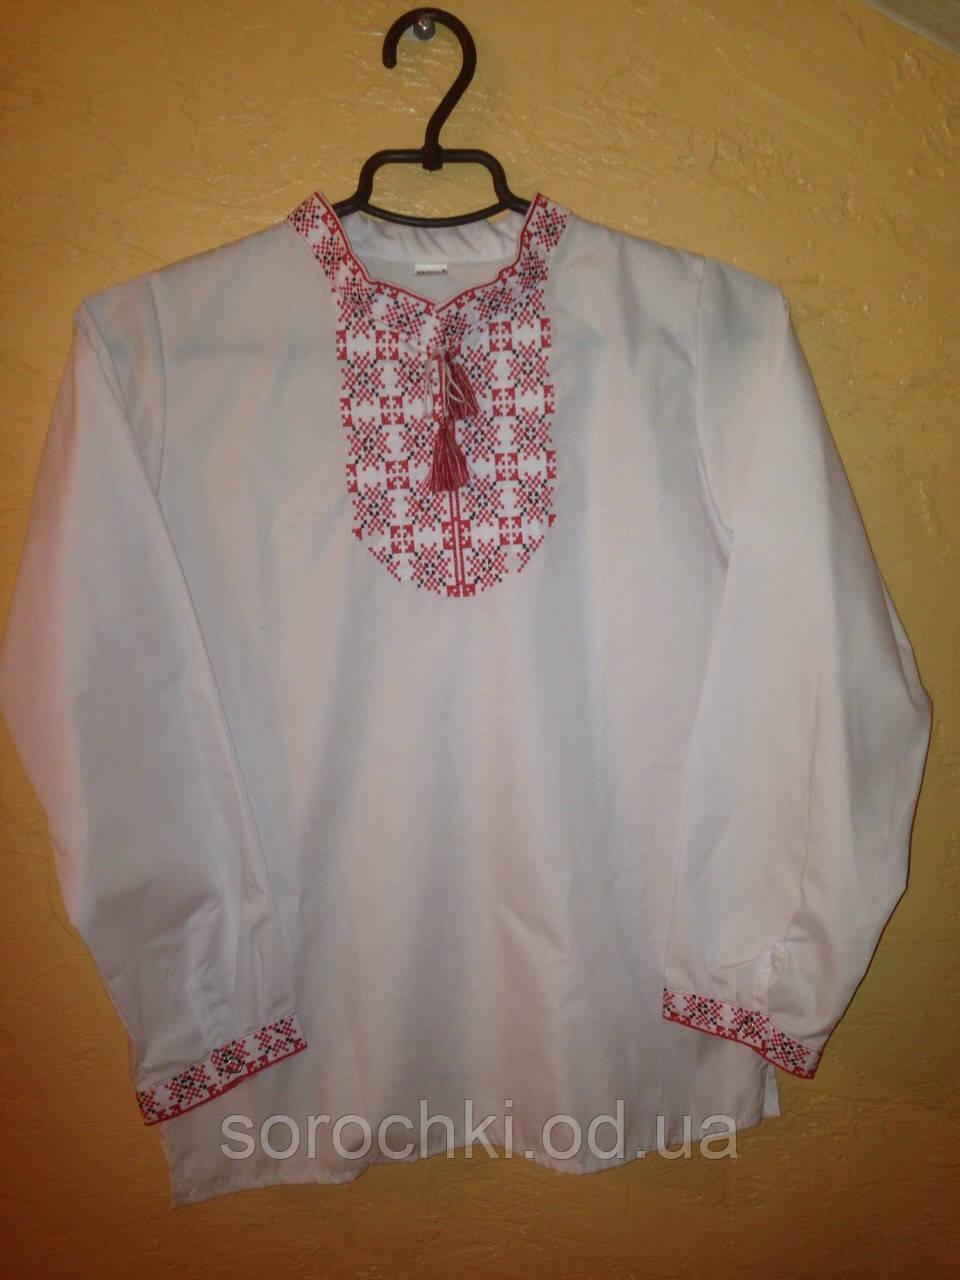 Сорочка вышиванка  детская, для мальчика,  белая цвет вышивки красный , поплин